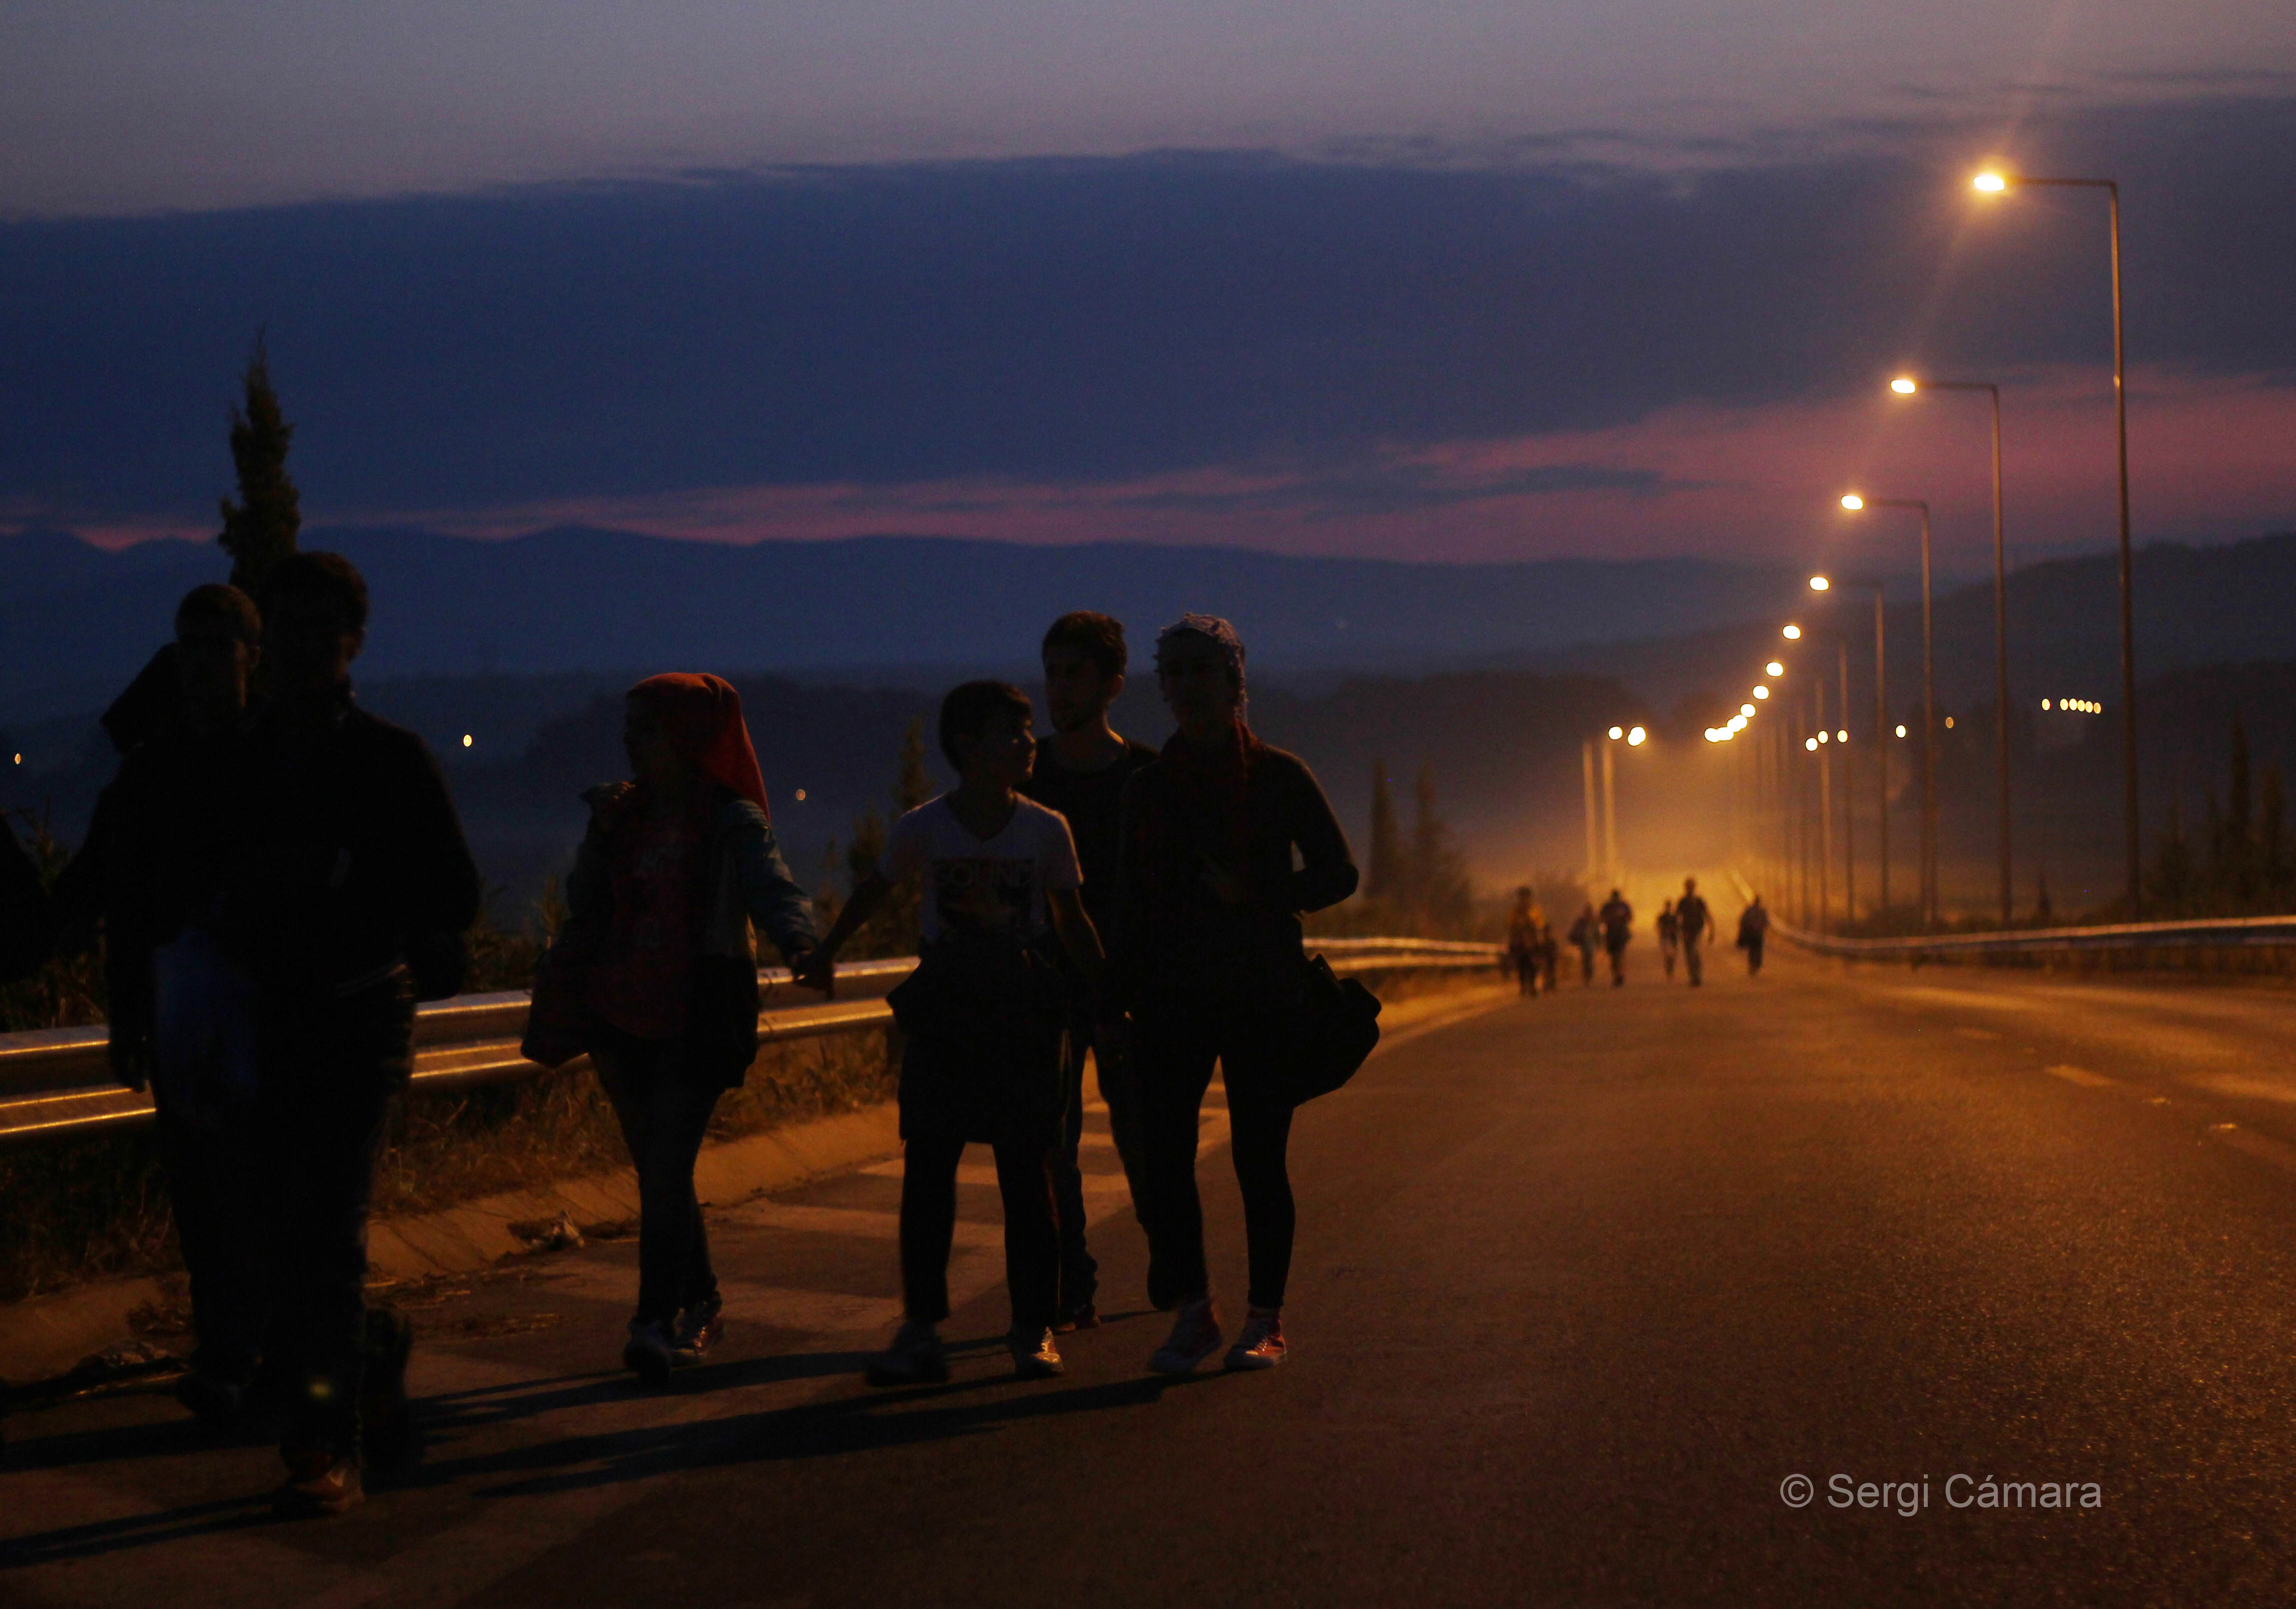 Las Obras Sociales de la Compañía de Jesús pedimos a España y a Europa que gestione las migraciones de una manera digna y humana